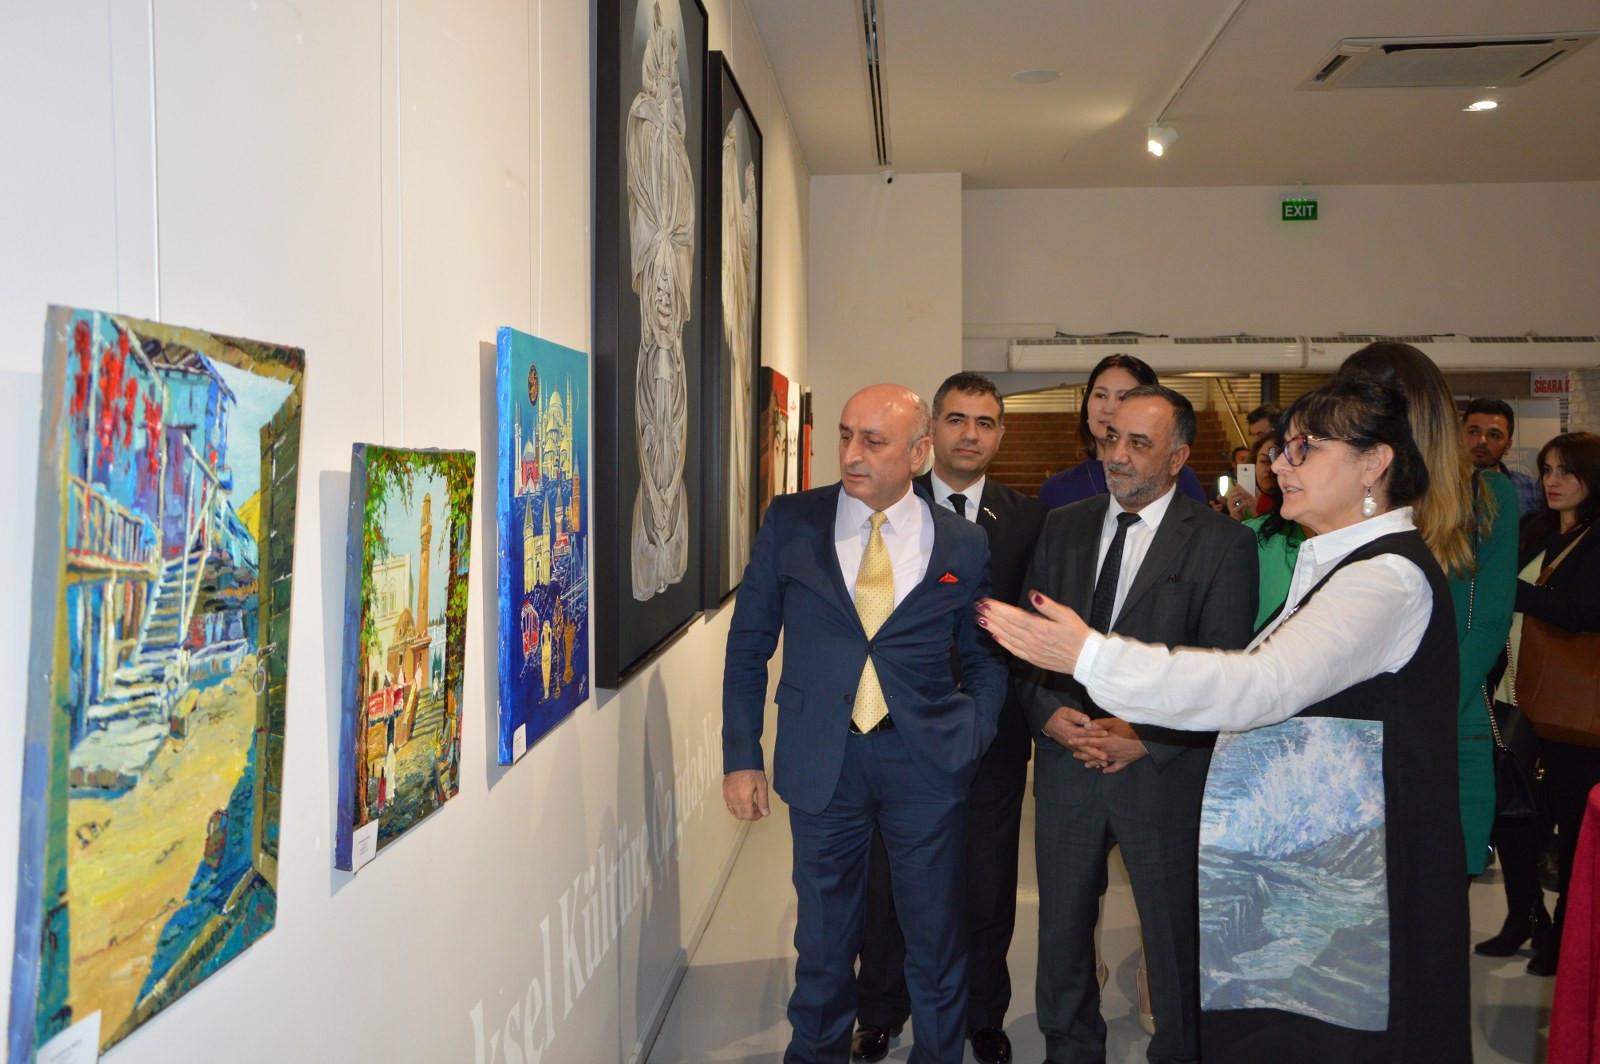 Türk Dünyasından Kadın Sanatçılar İstanbul'da Buluştu Galeri - 7. Resim